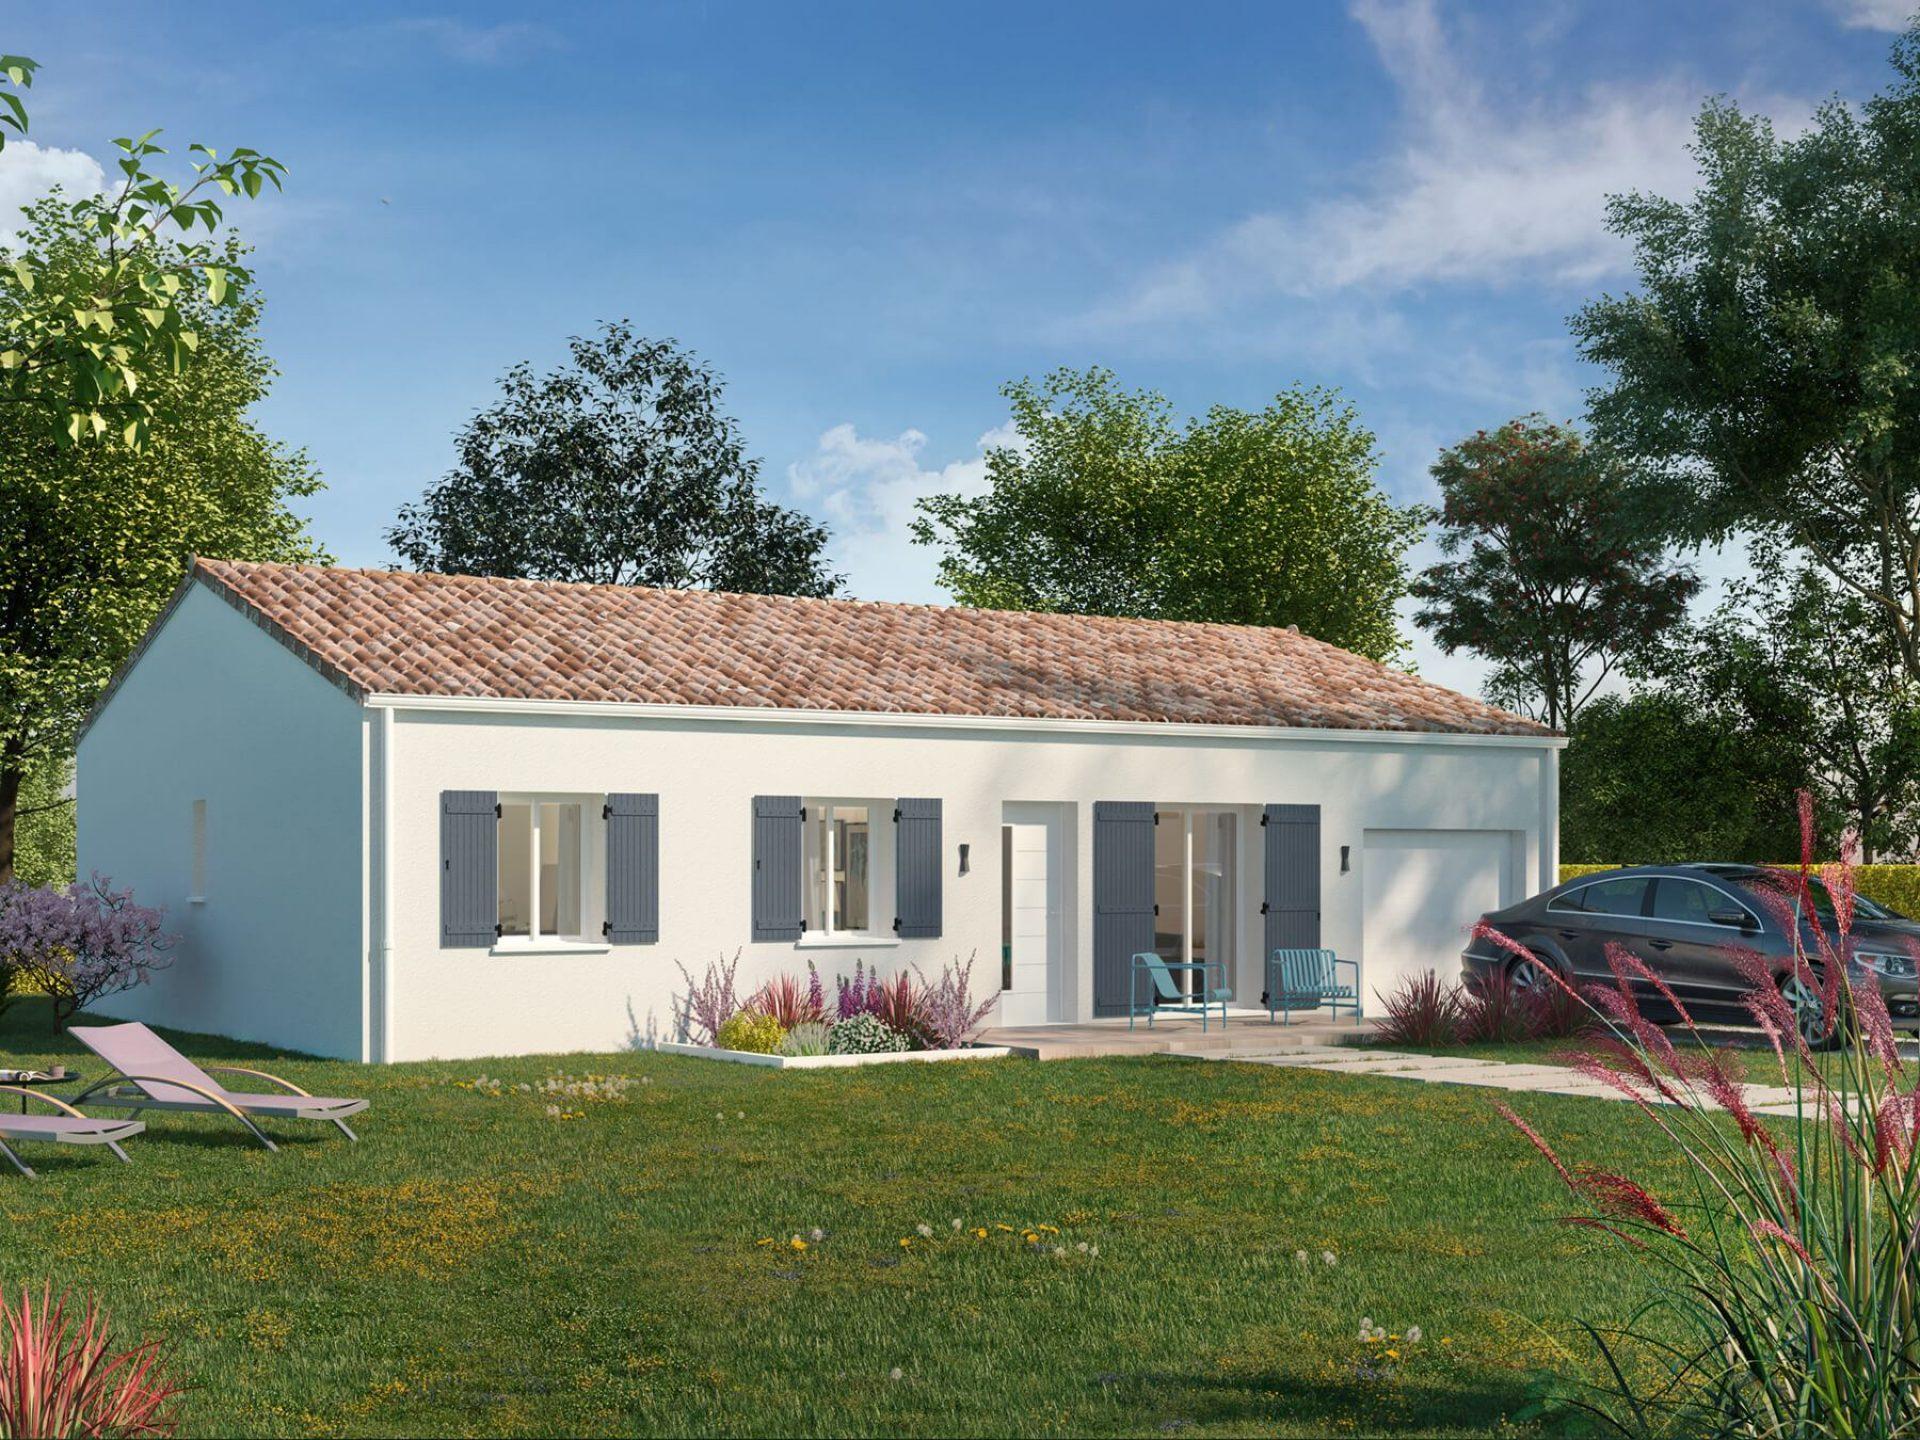 Maison Littoral | de 63 m² à 90 m² | 2 à 4 chambres